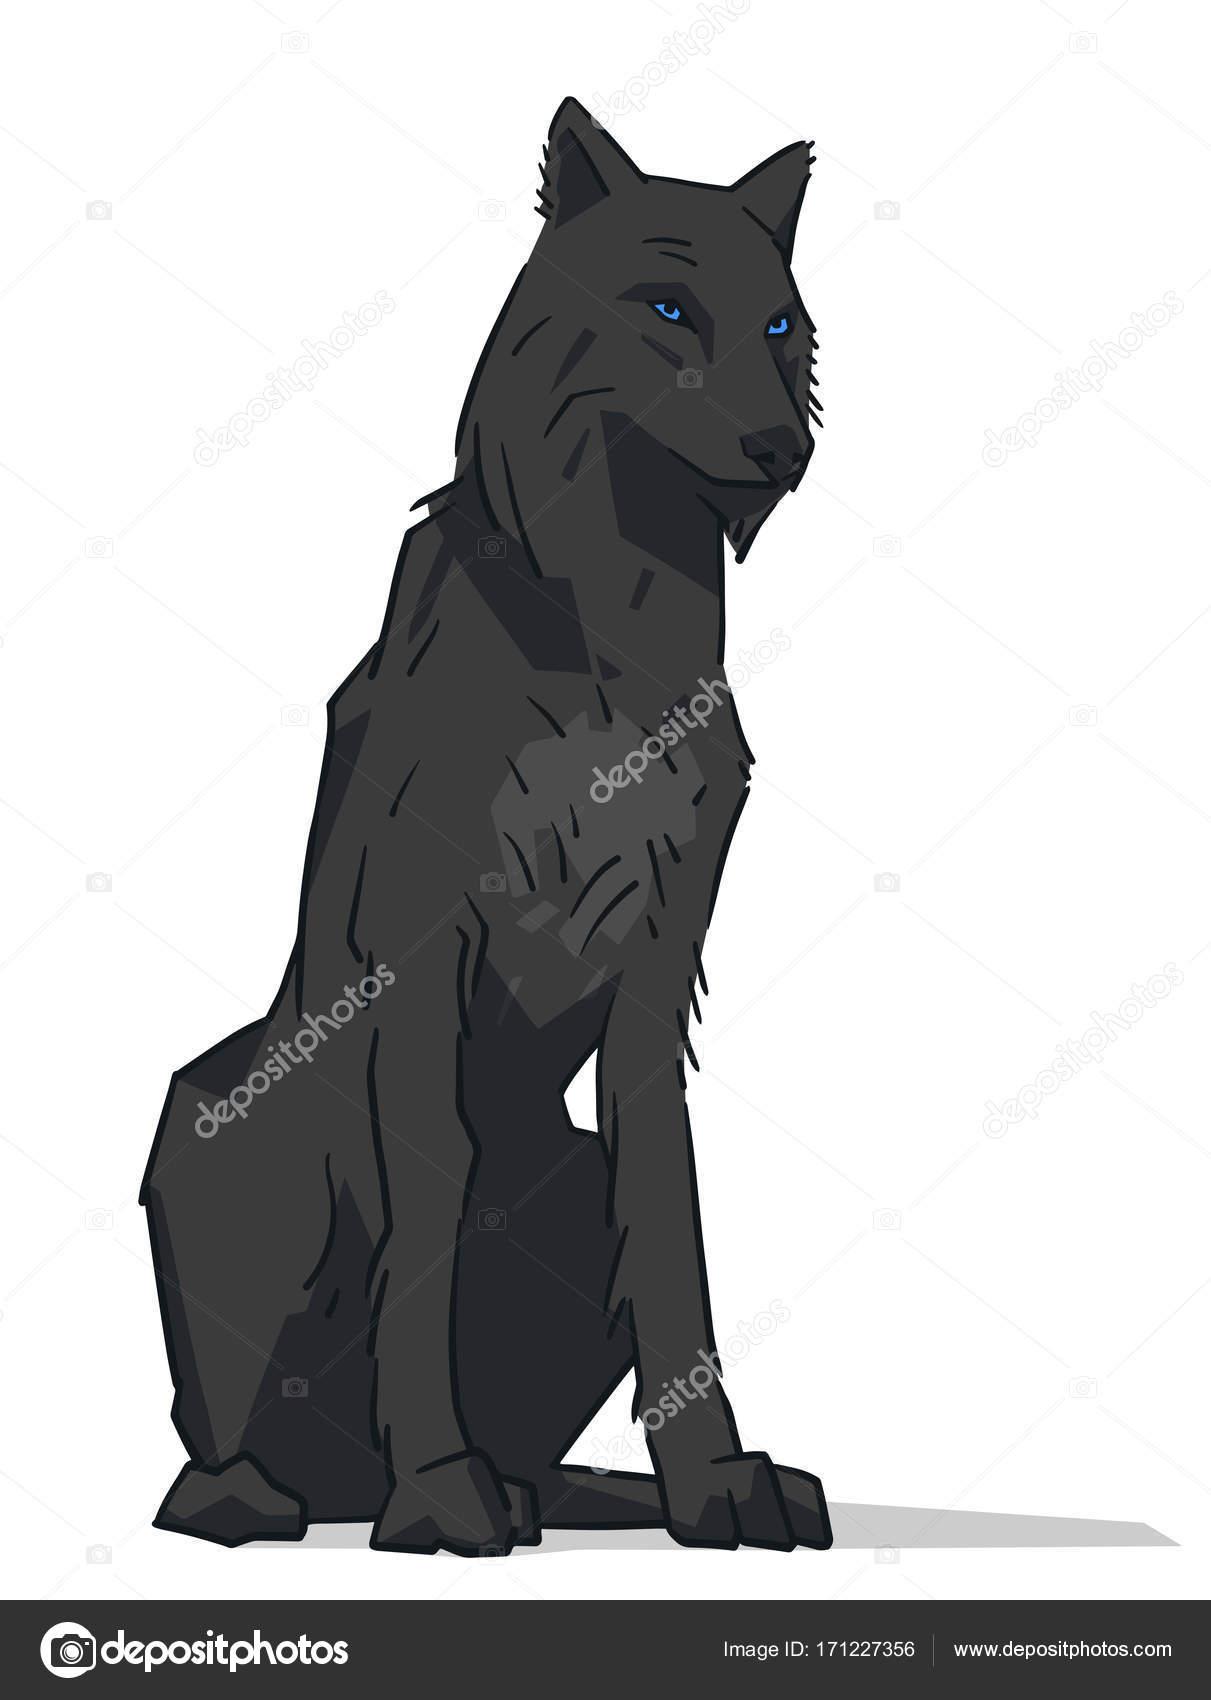 Isolierte Darstellung Der Schwarze Wolf Mit Blauen Augen Sitzen In